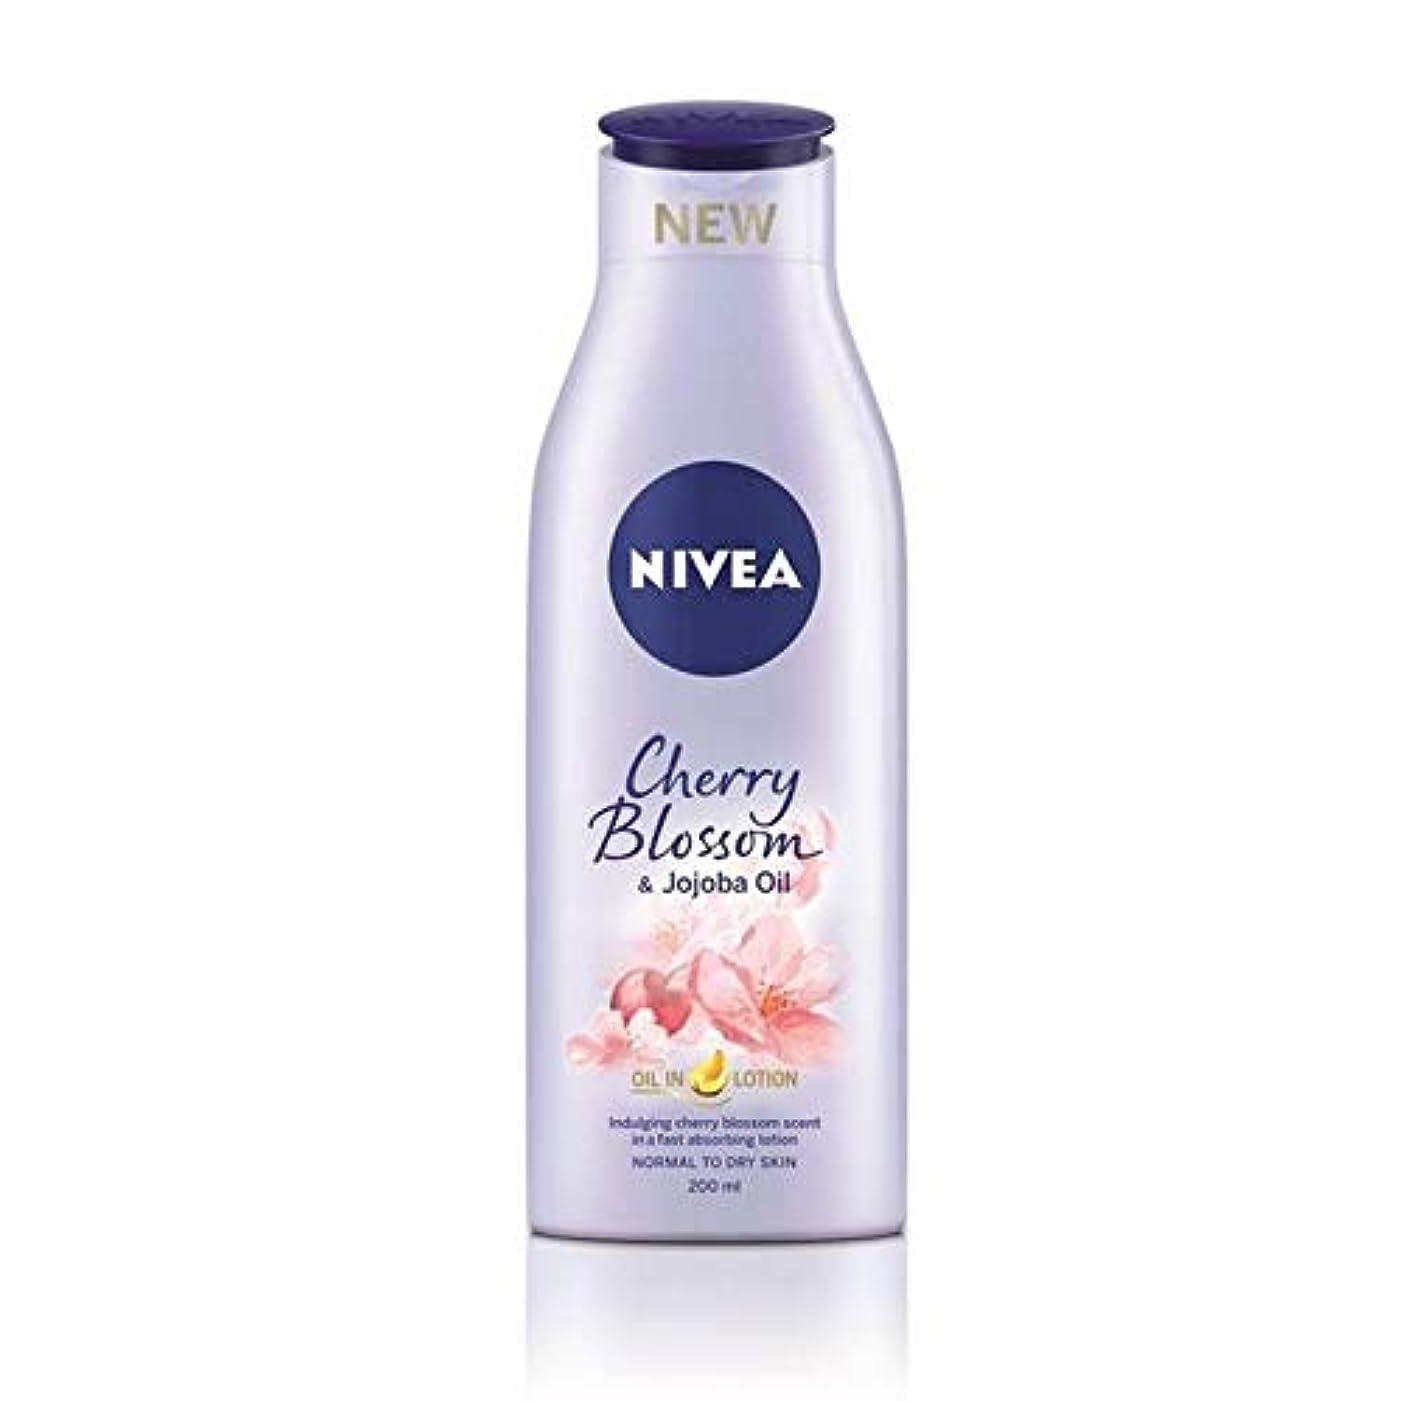 バブルモス恵み[Nivea ] ニベア桜&ホホバオイルボディローション200Ml - Nivea Cherry Blossom & Jojoba Oil Body Lotion 200ml [並行輸入品]